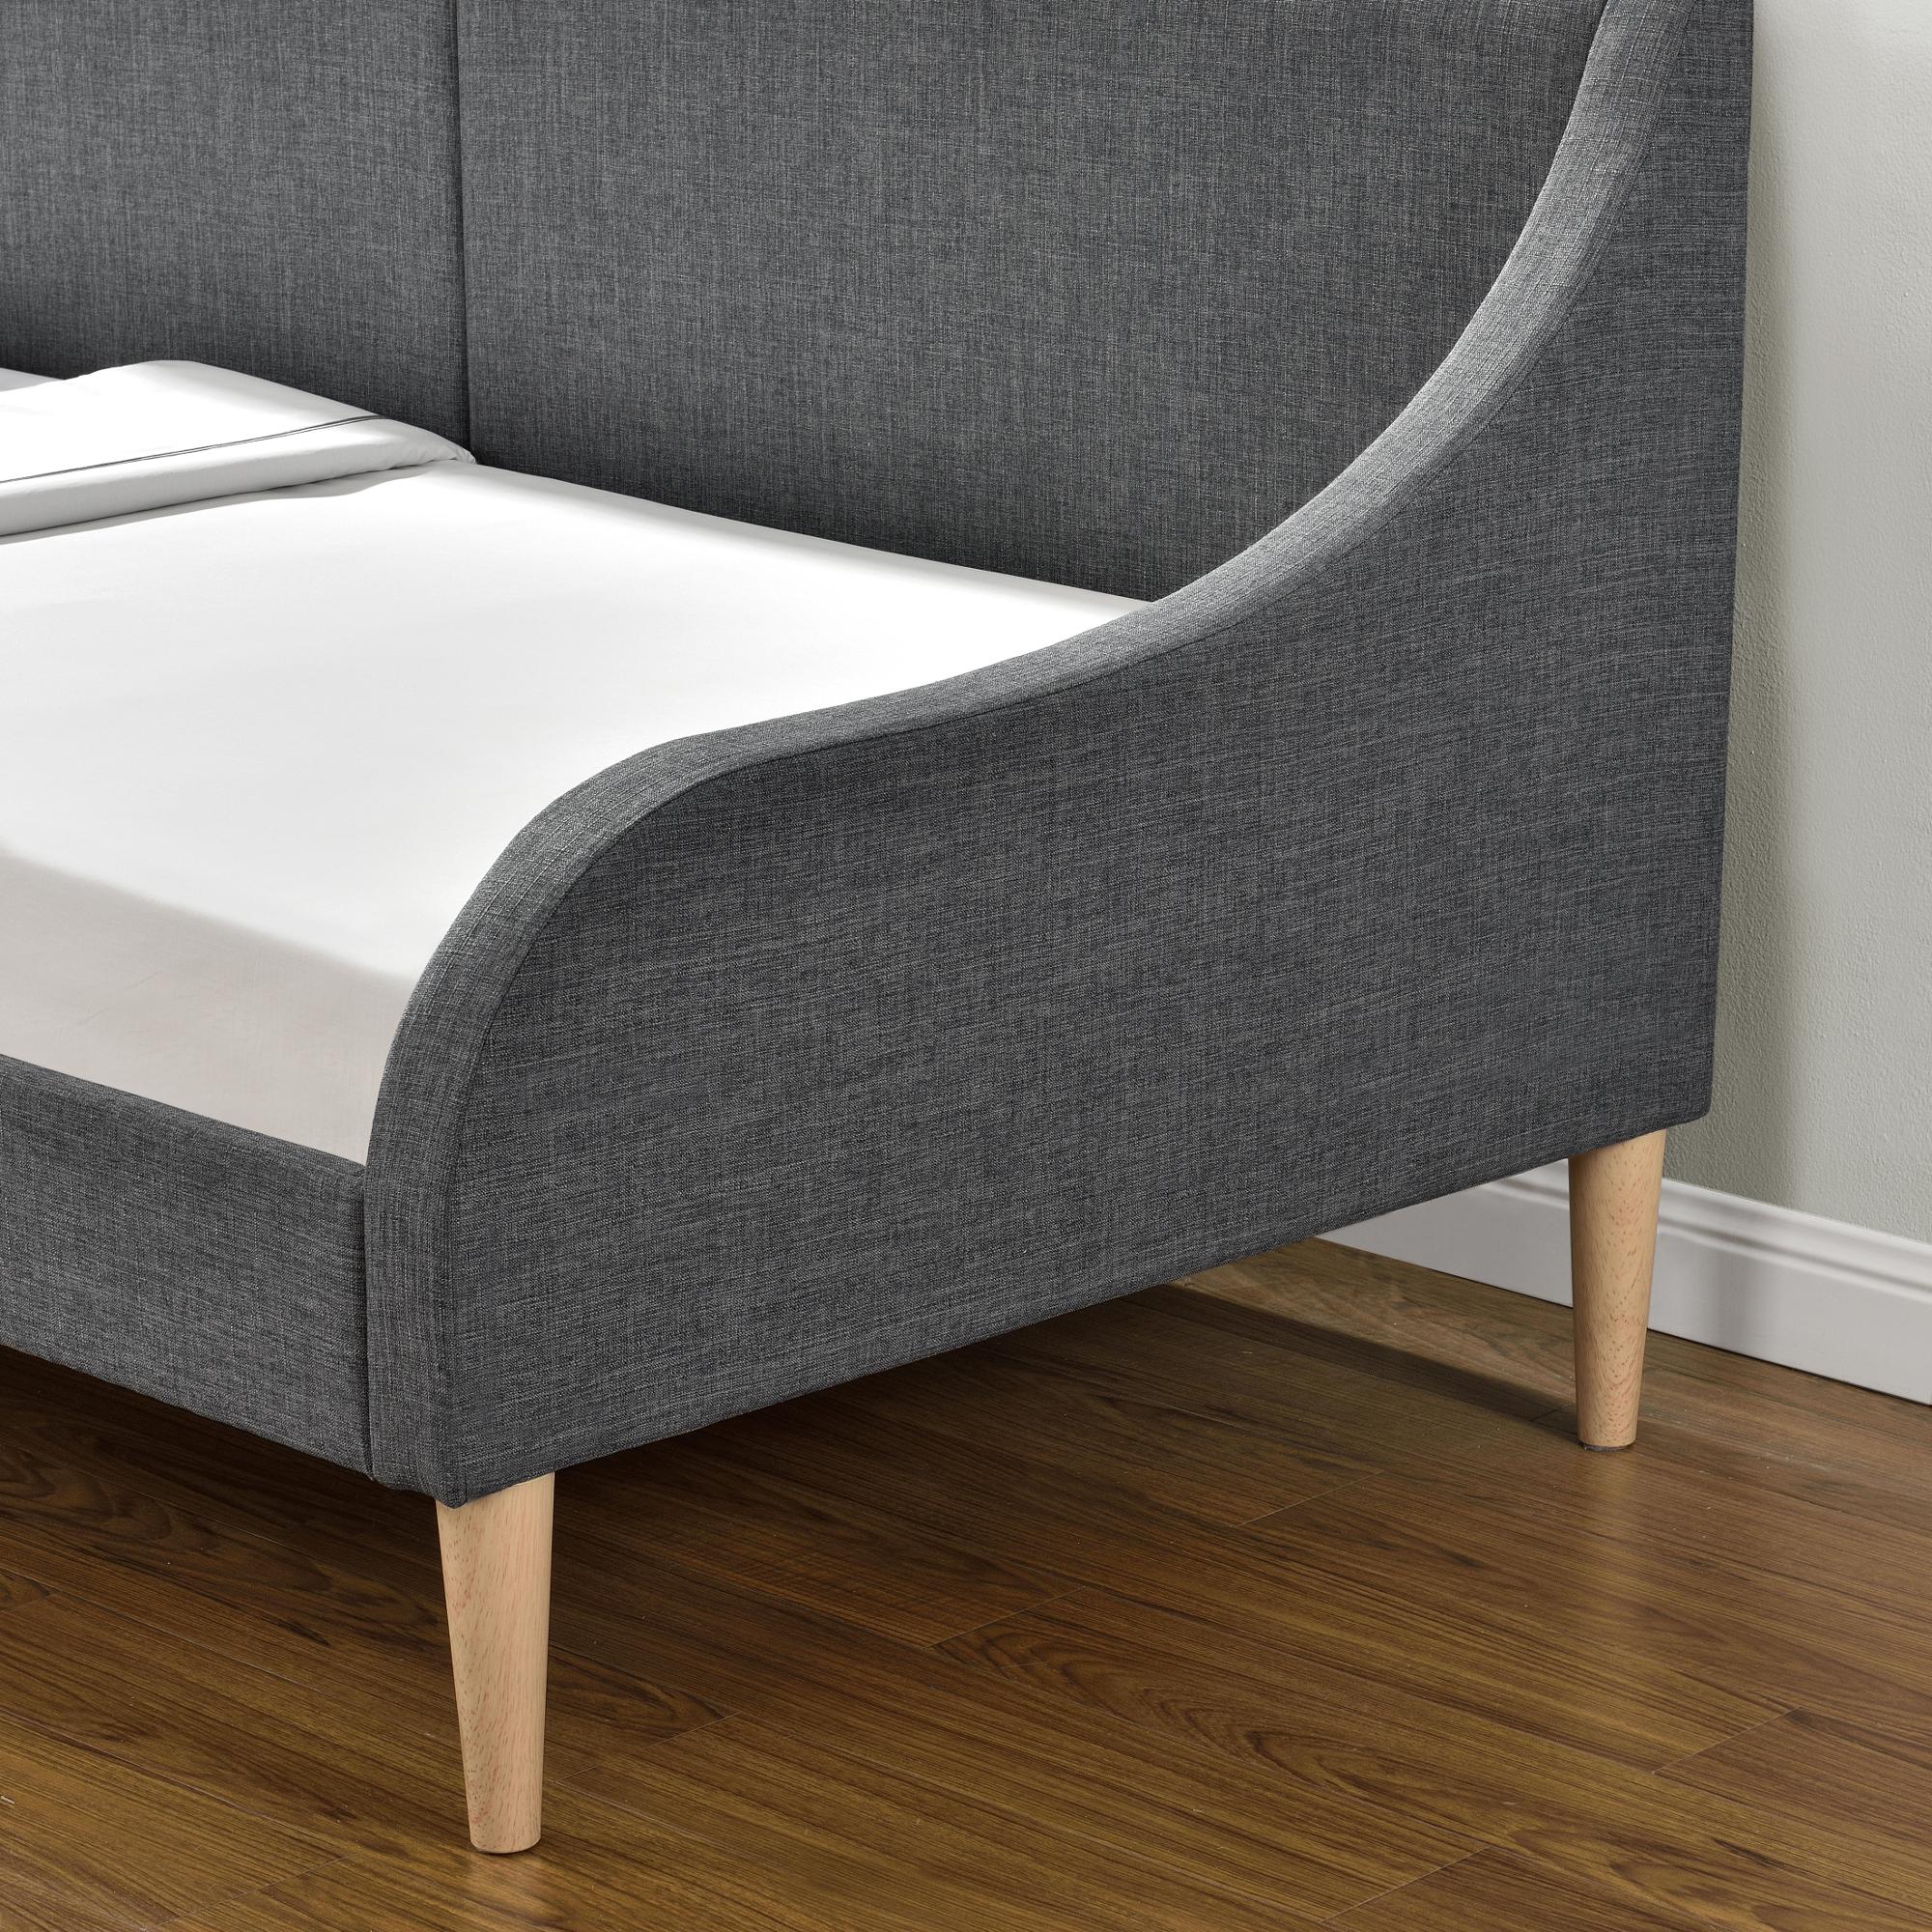 Letto divano 90 x 200 cm divano letto letto tessuto telaio for Divano 90 cm